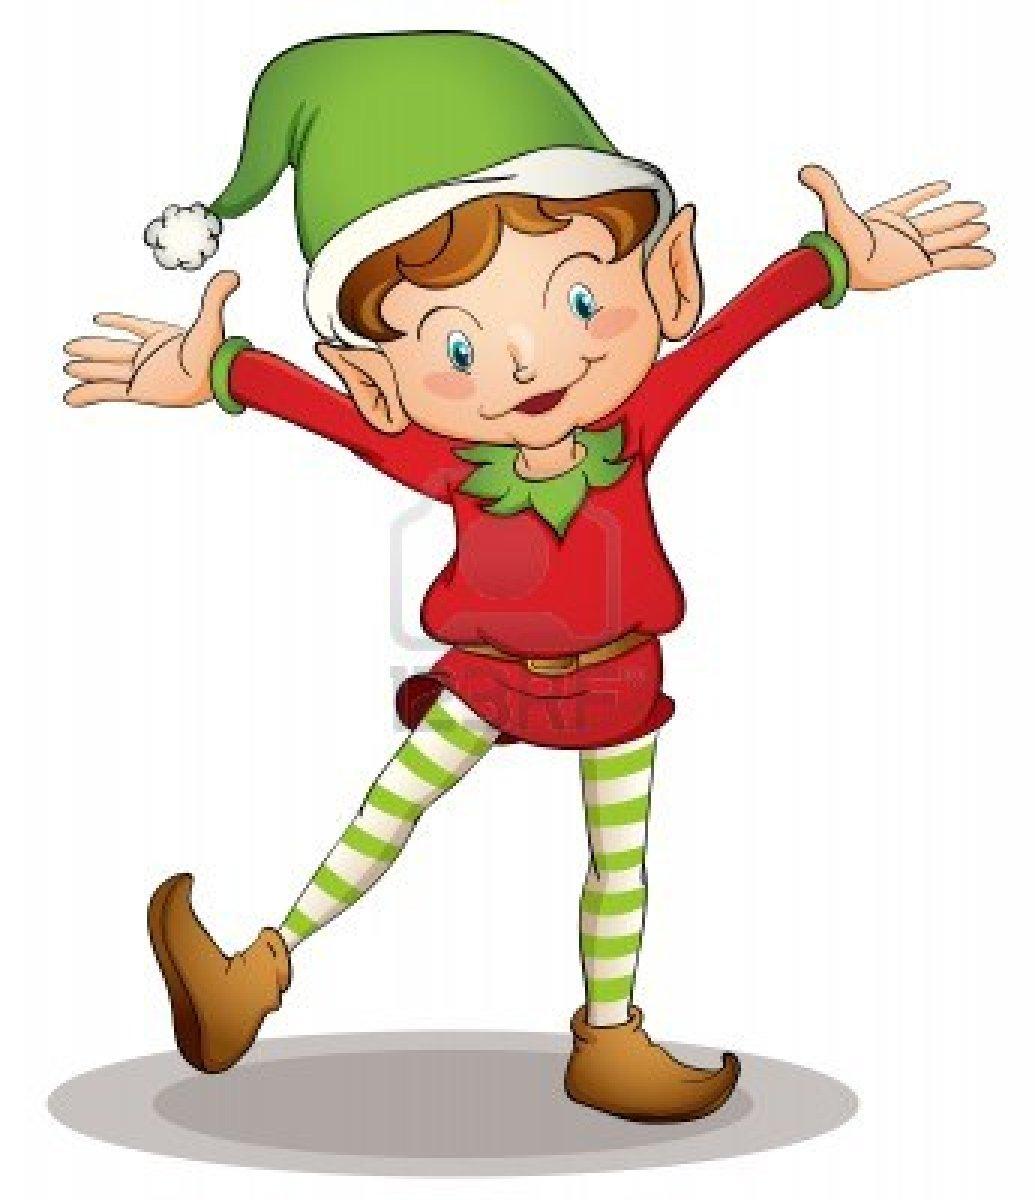 Elf christmas clipart